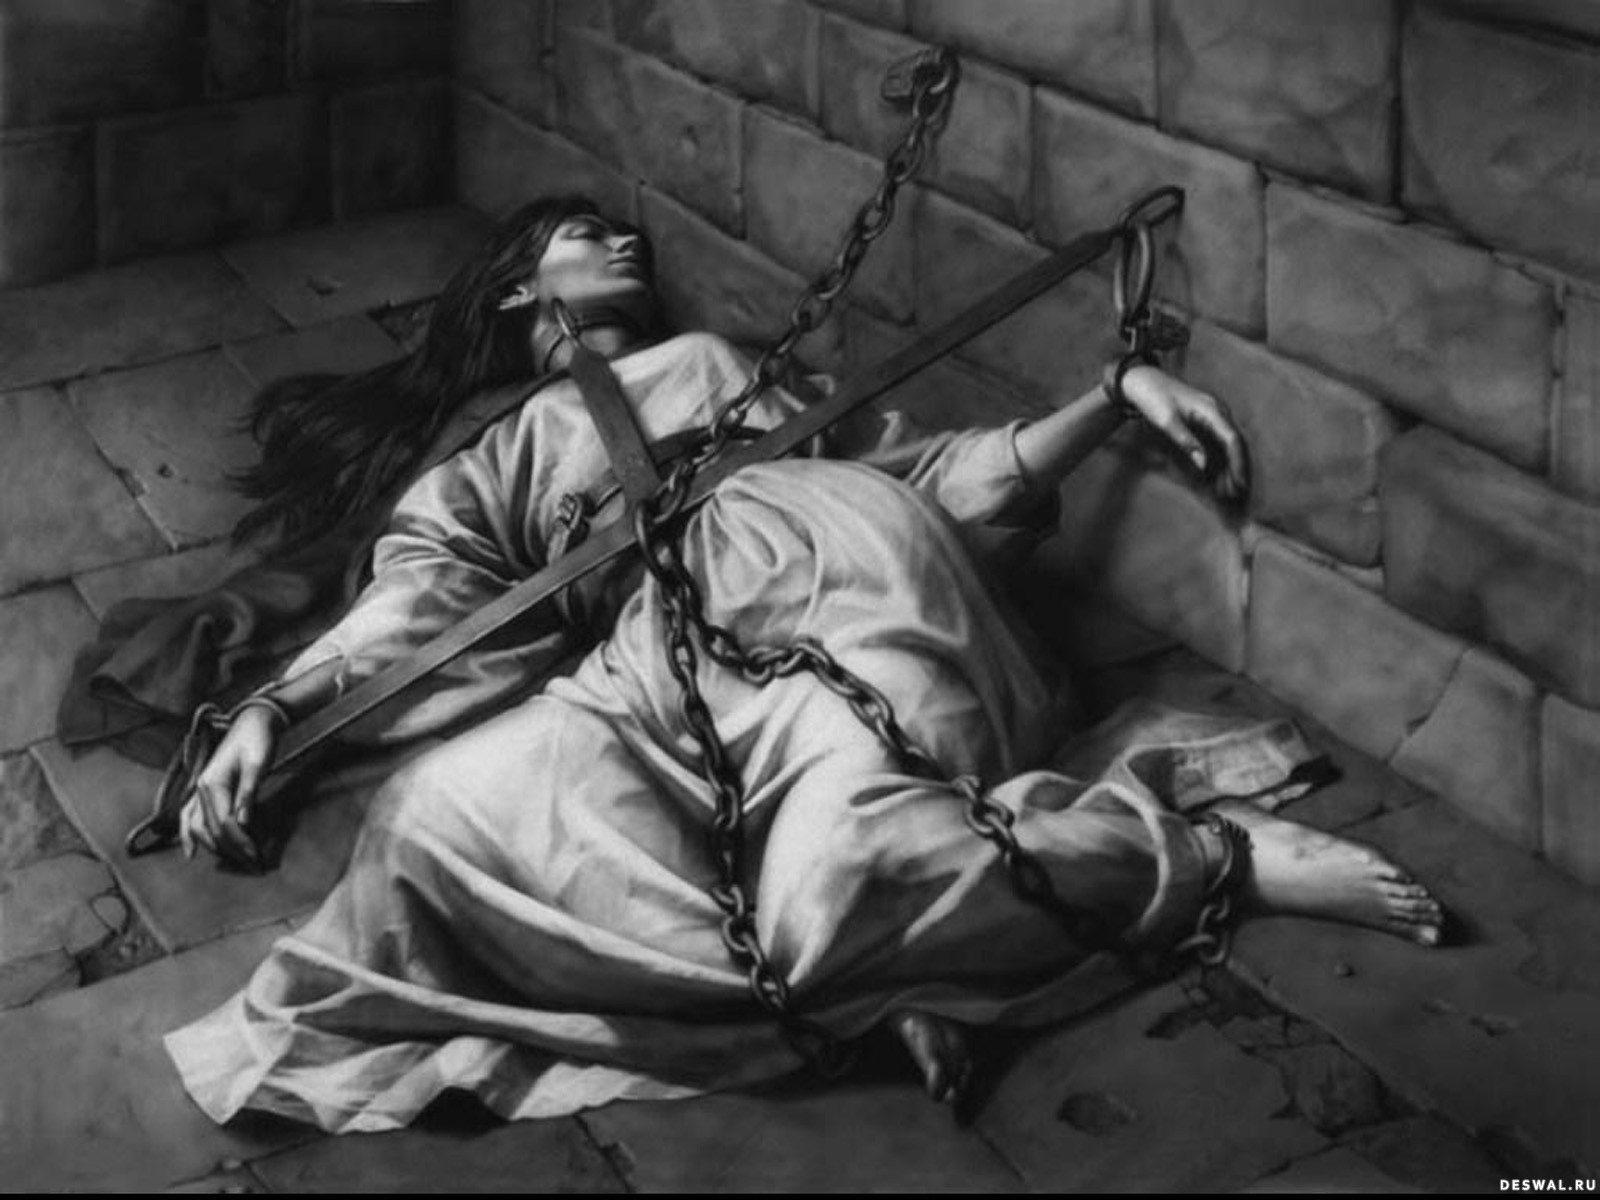 Рассказы пытки девушек 2 фотография